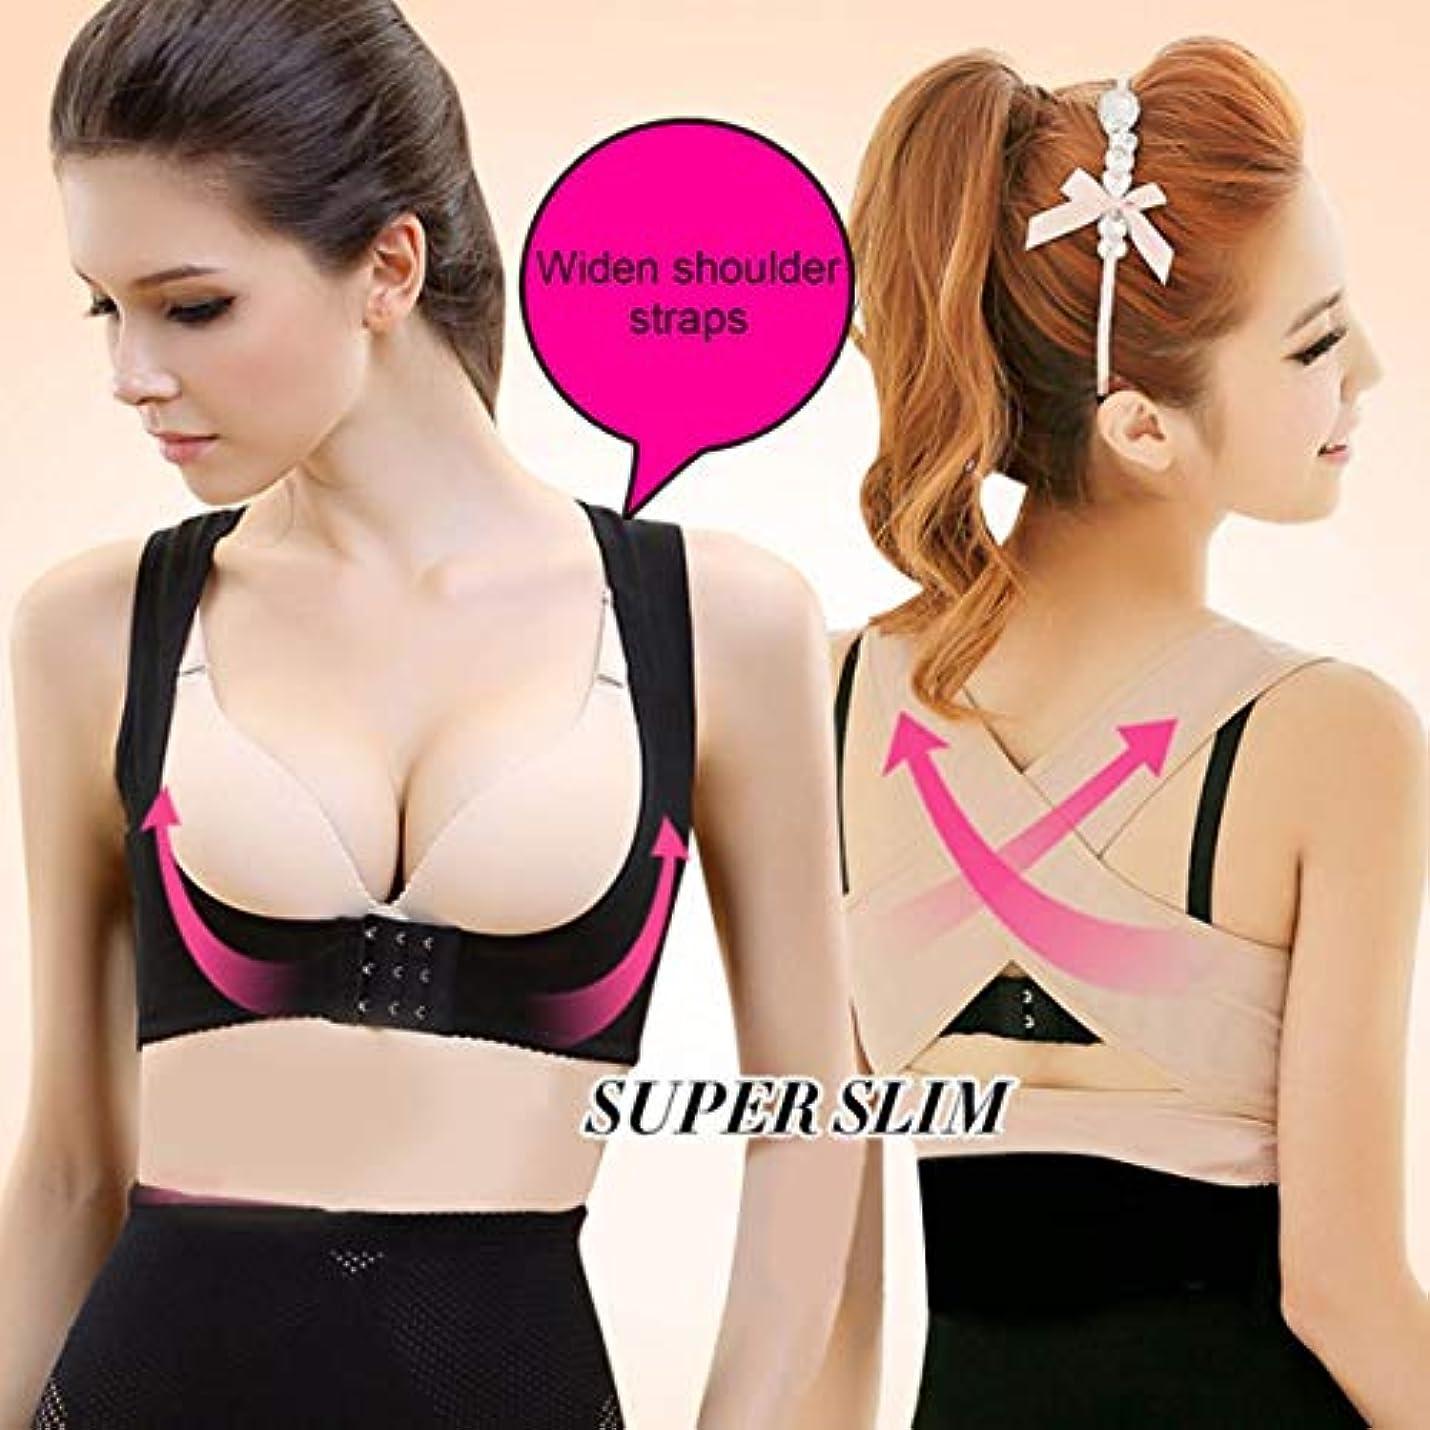 従う間に合わせ抜け目がないPosture Corrector Women Chest Brace Up Prevent Chest Sagging And Humpback Bra Cross Strap Vest Body Shaper Slimming...